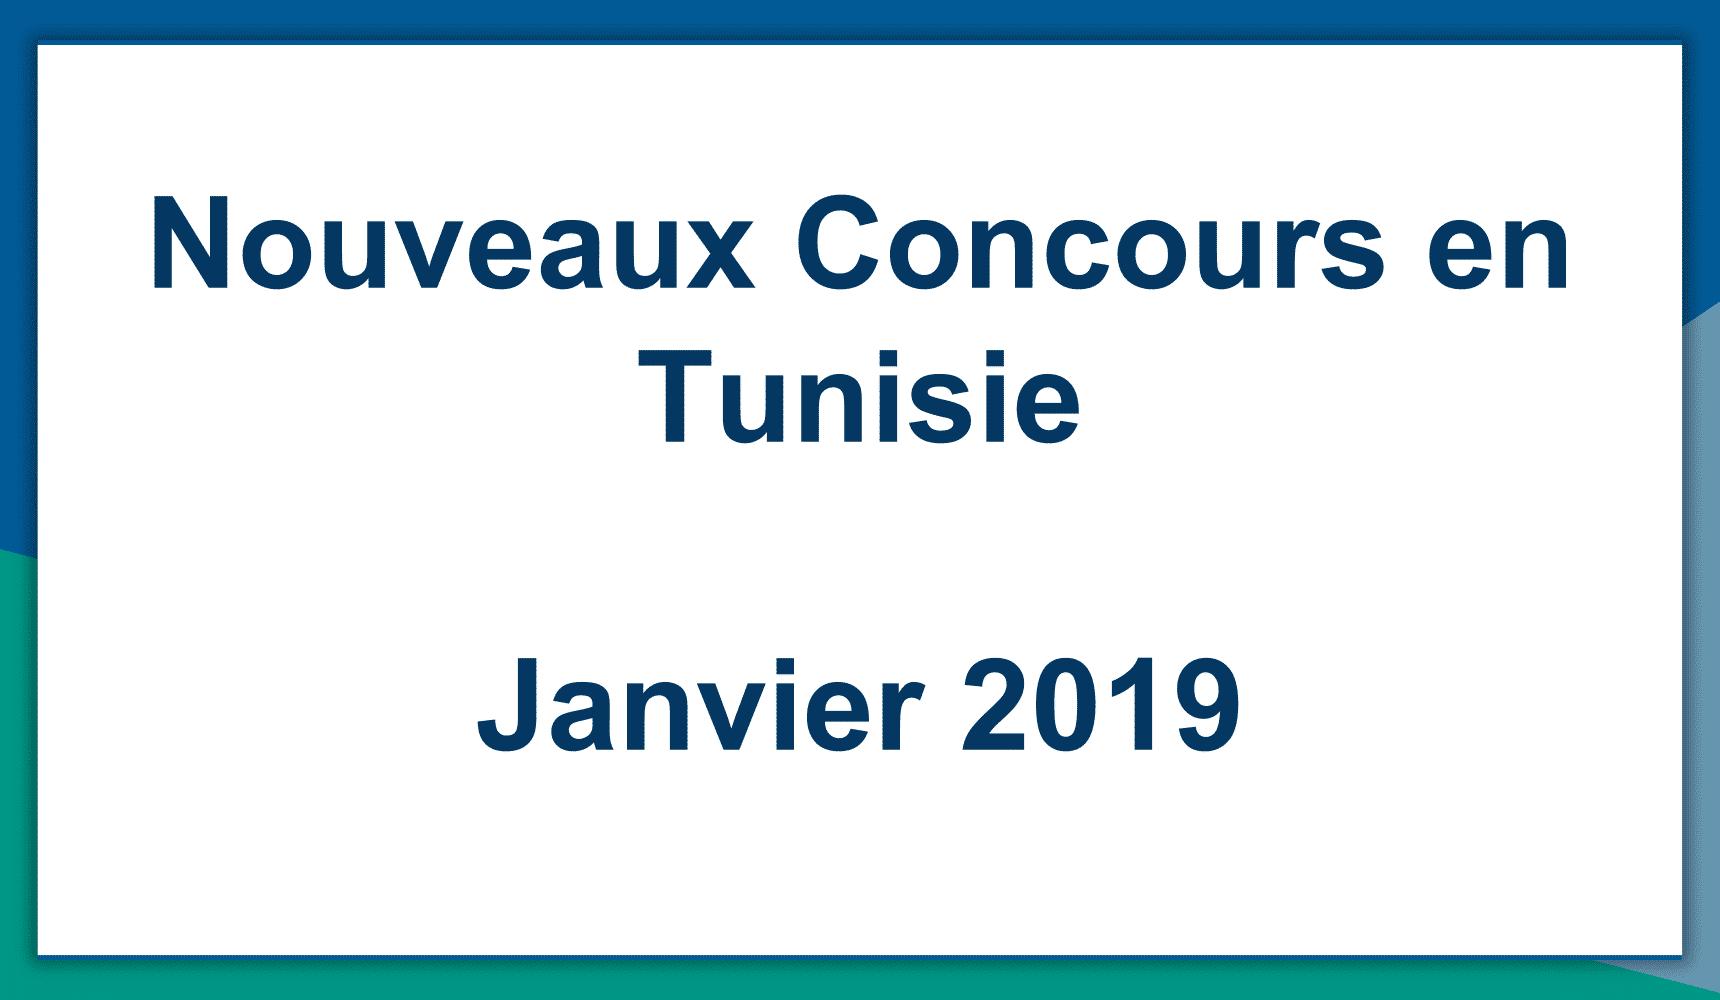 Nouveaux Concours en Tunisie Janvier 2019